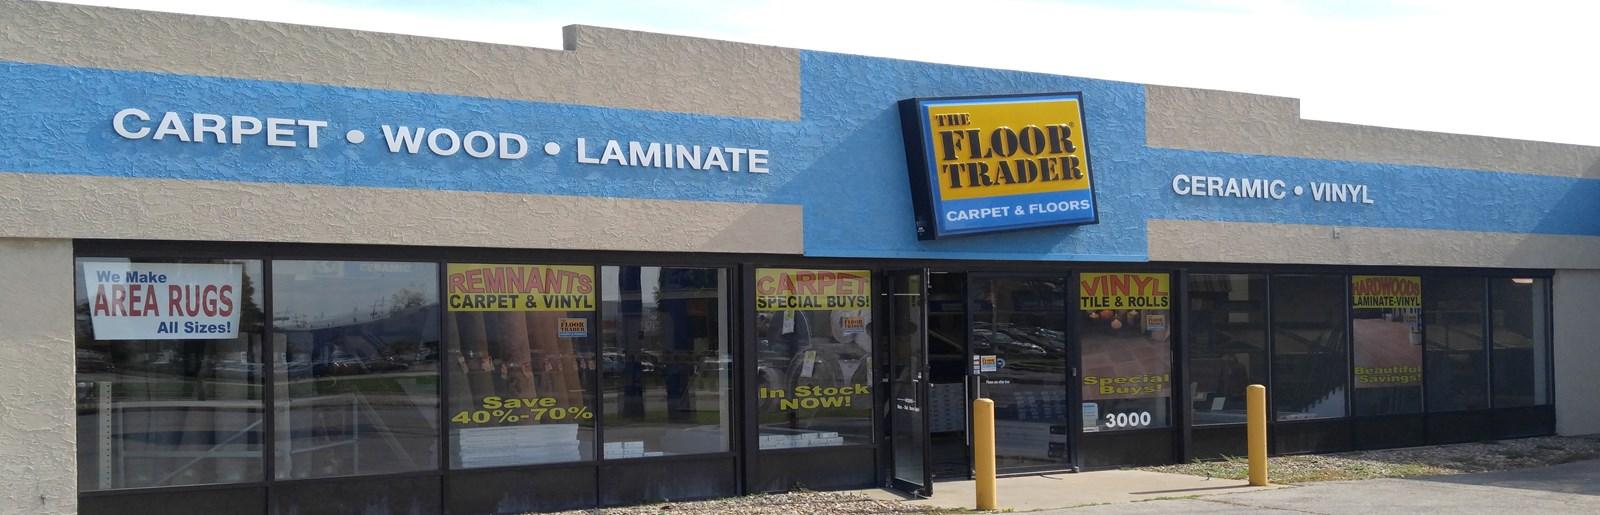 Flooring | Lawrence, KS   Lawrence Floor Trader